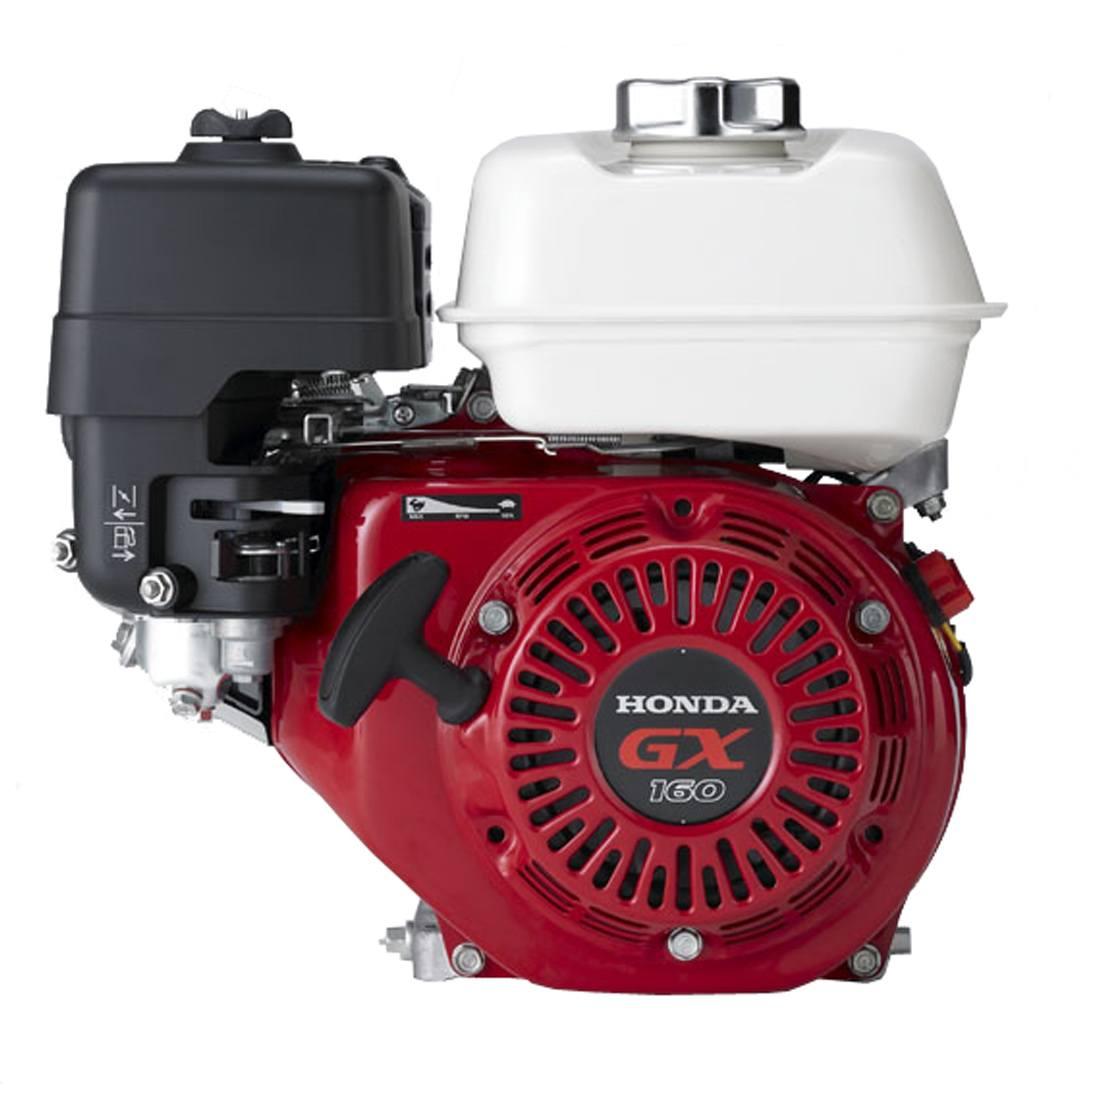 GX160H1-SX3. Двигатель бензиновый Honda GX 200 SX3